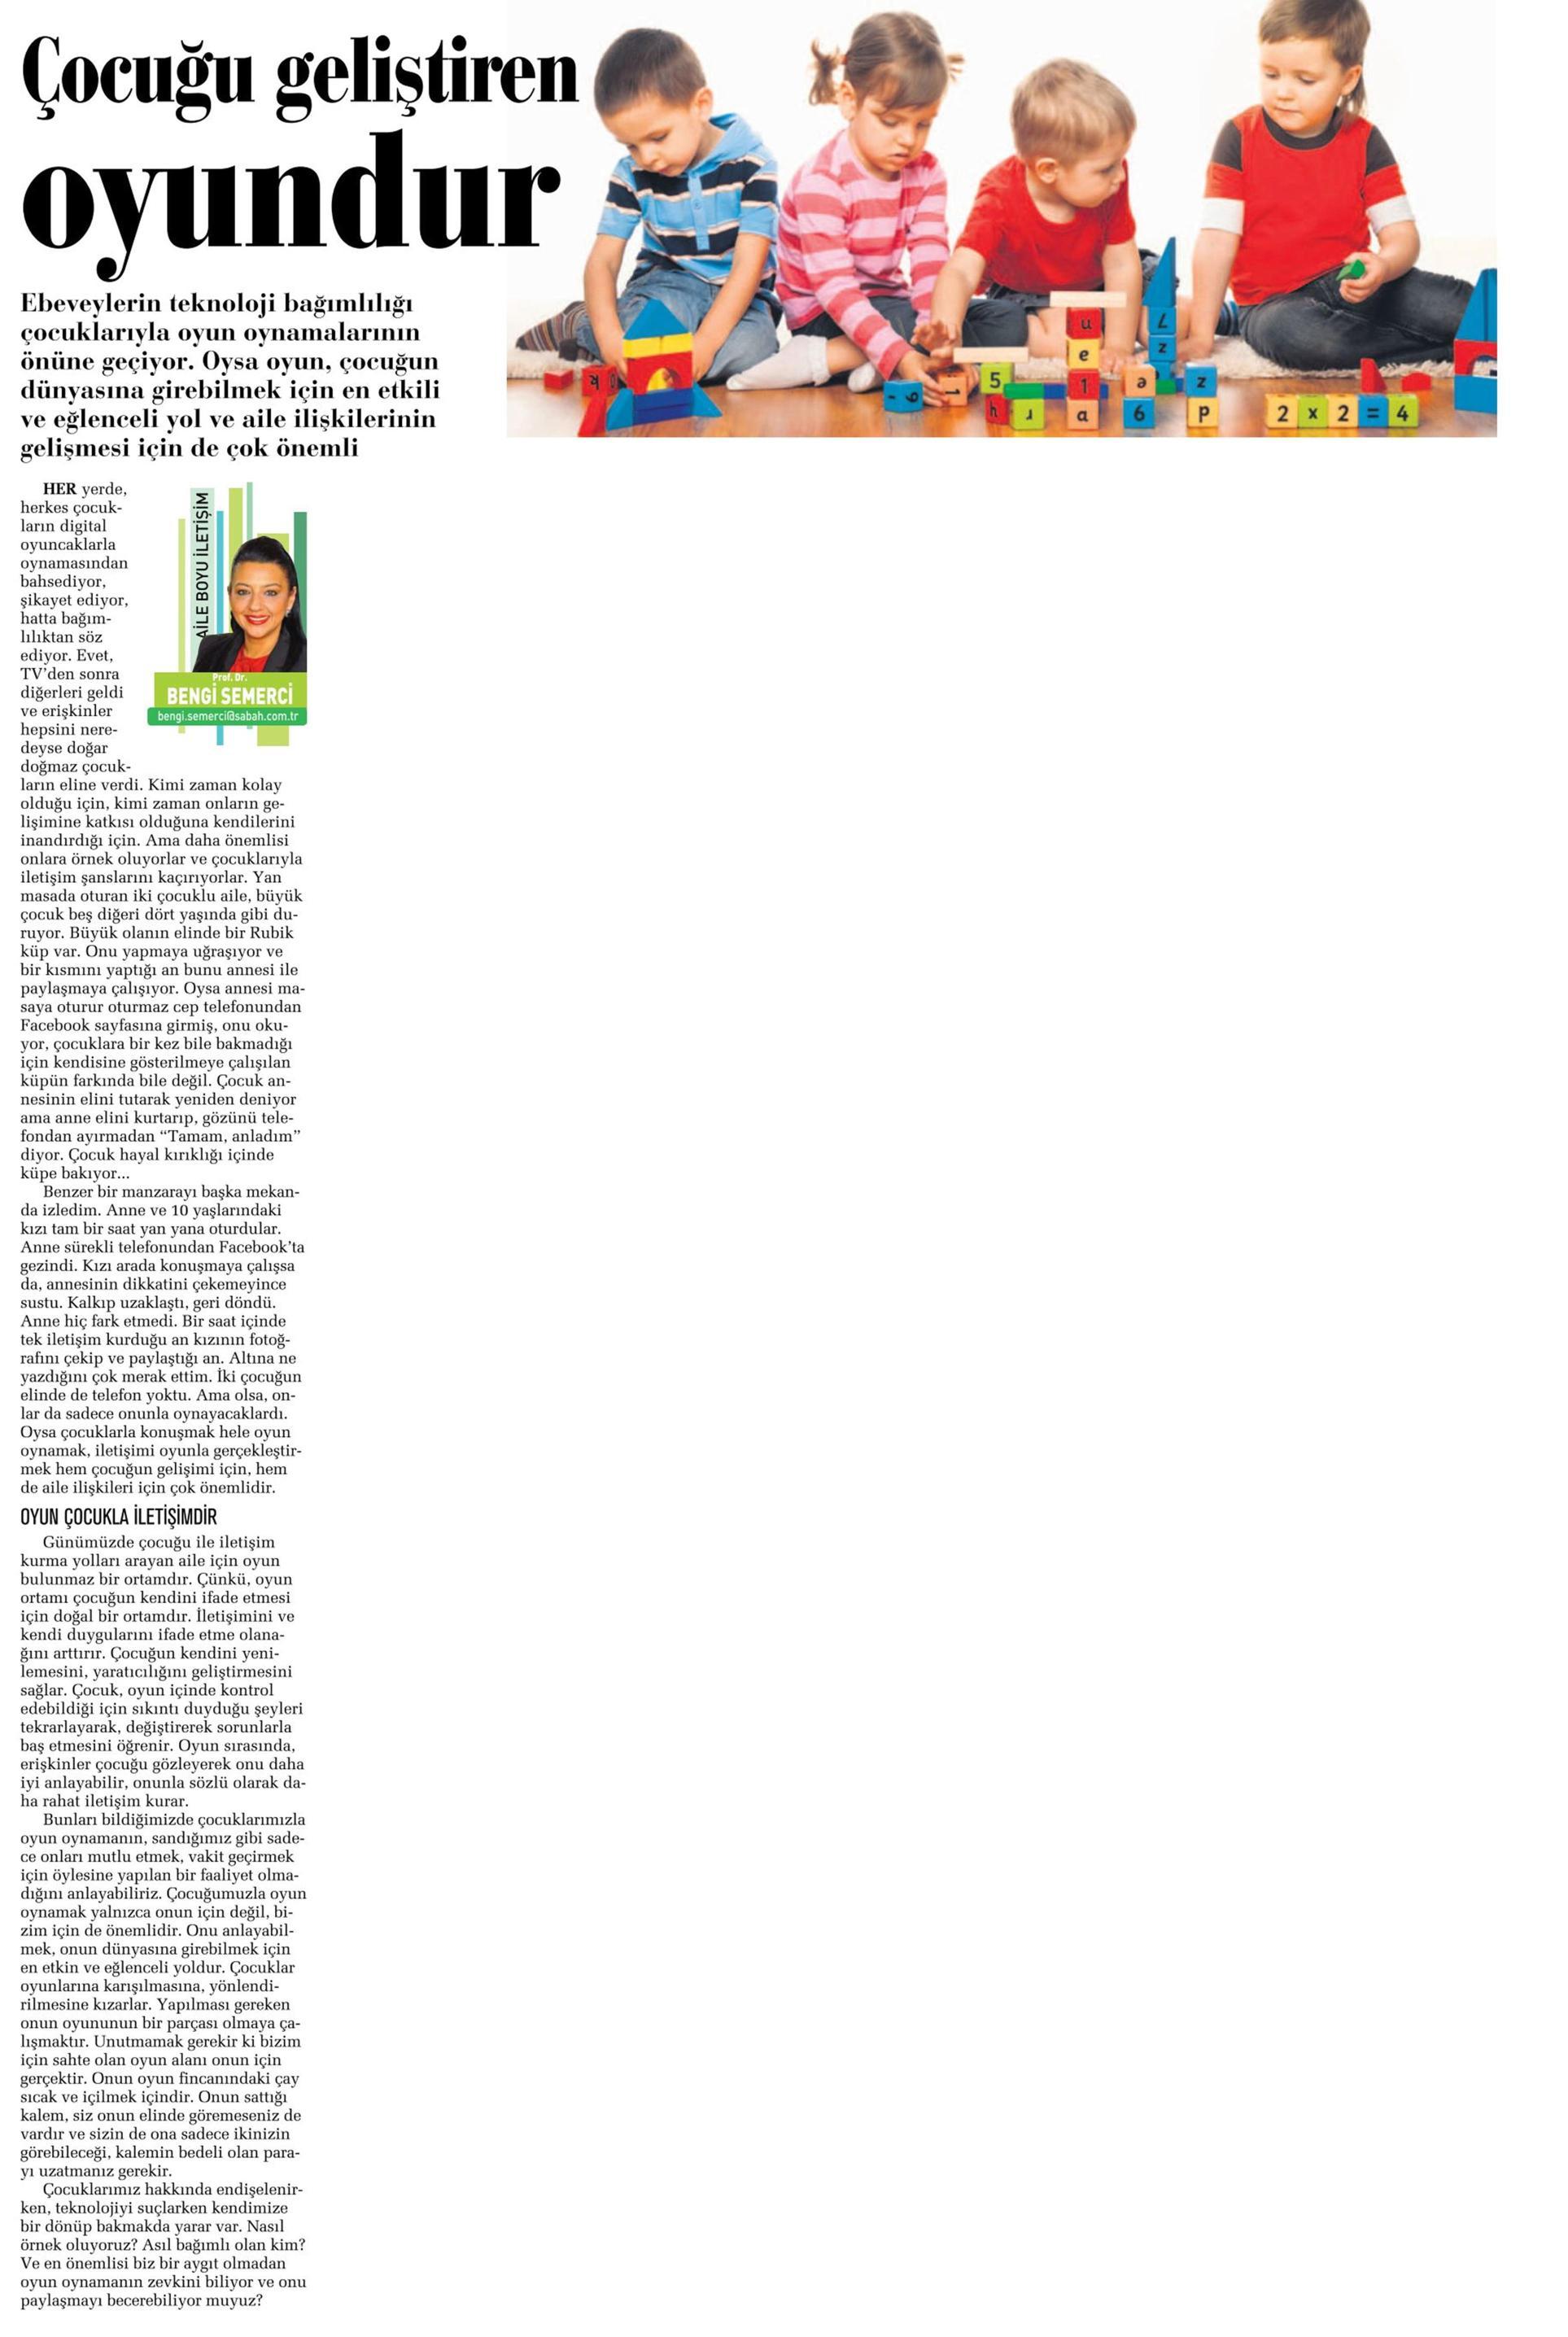 Çocuğu geliştiren oyundur - SABAH CUMARTESİ 6.9.2014